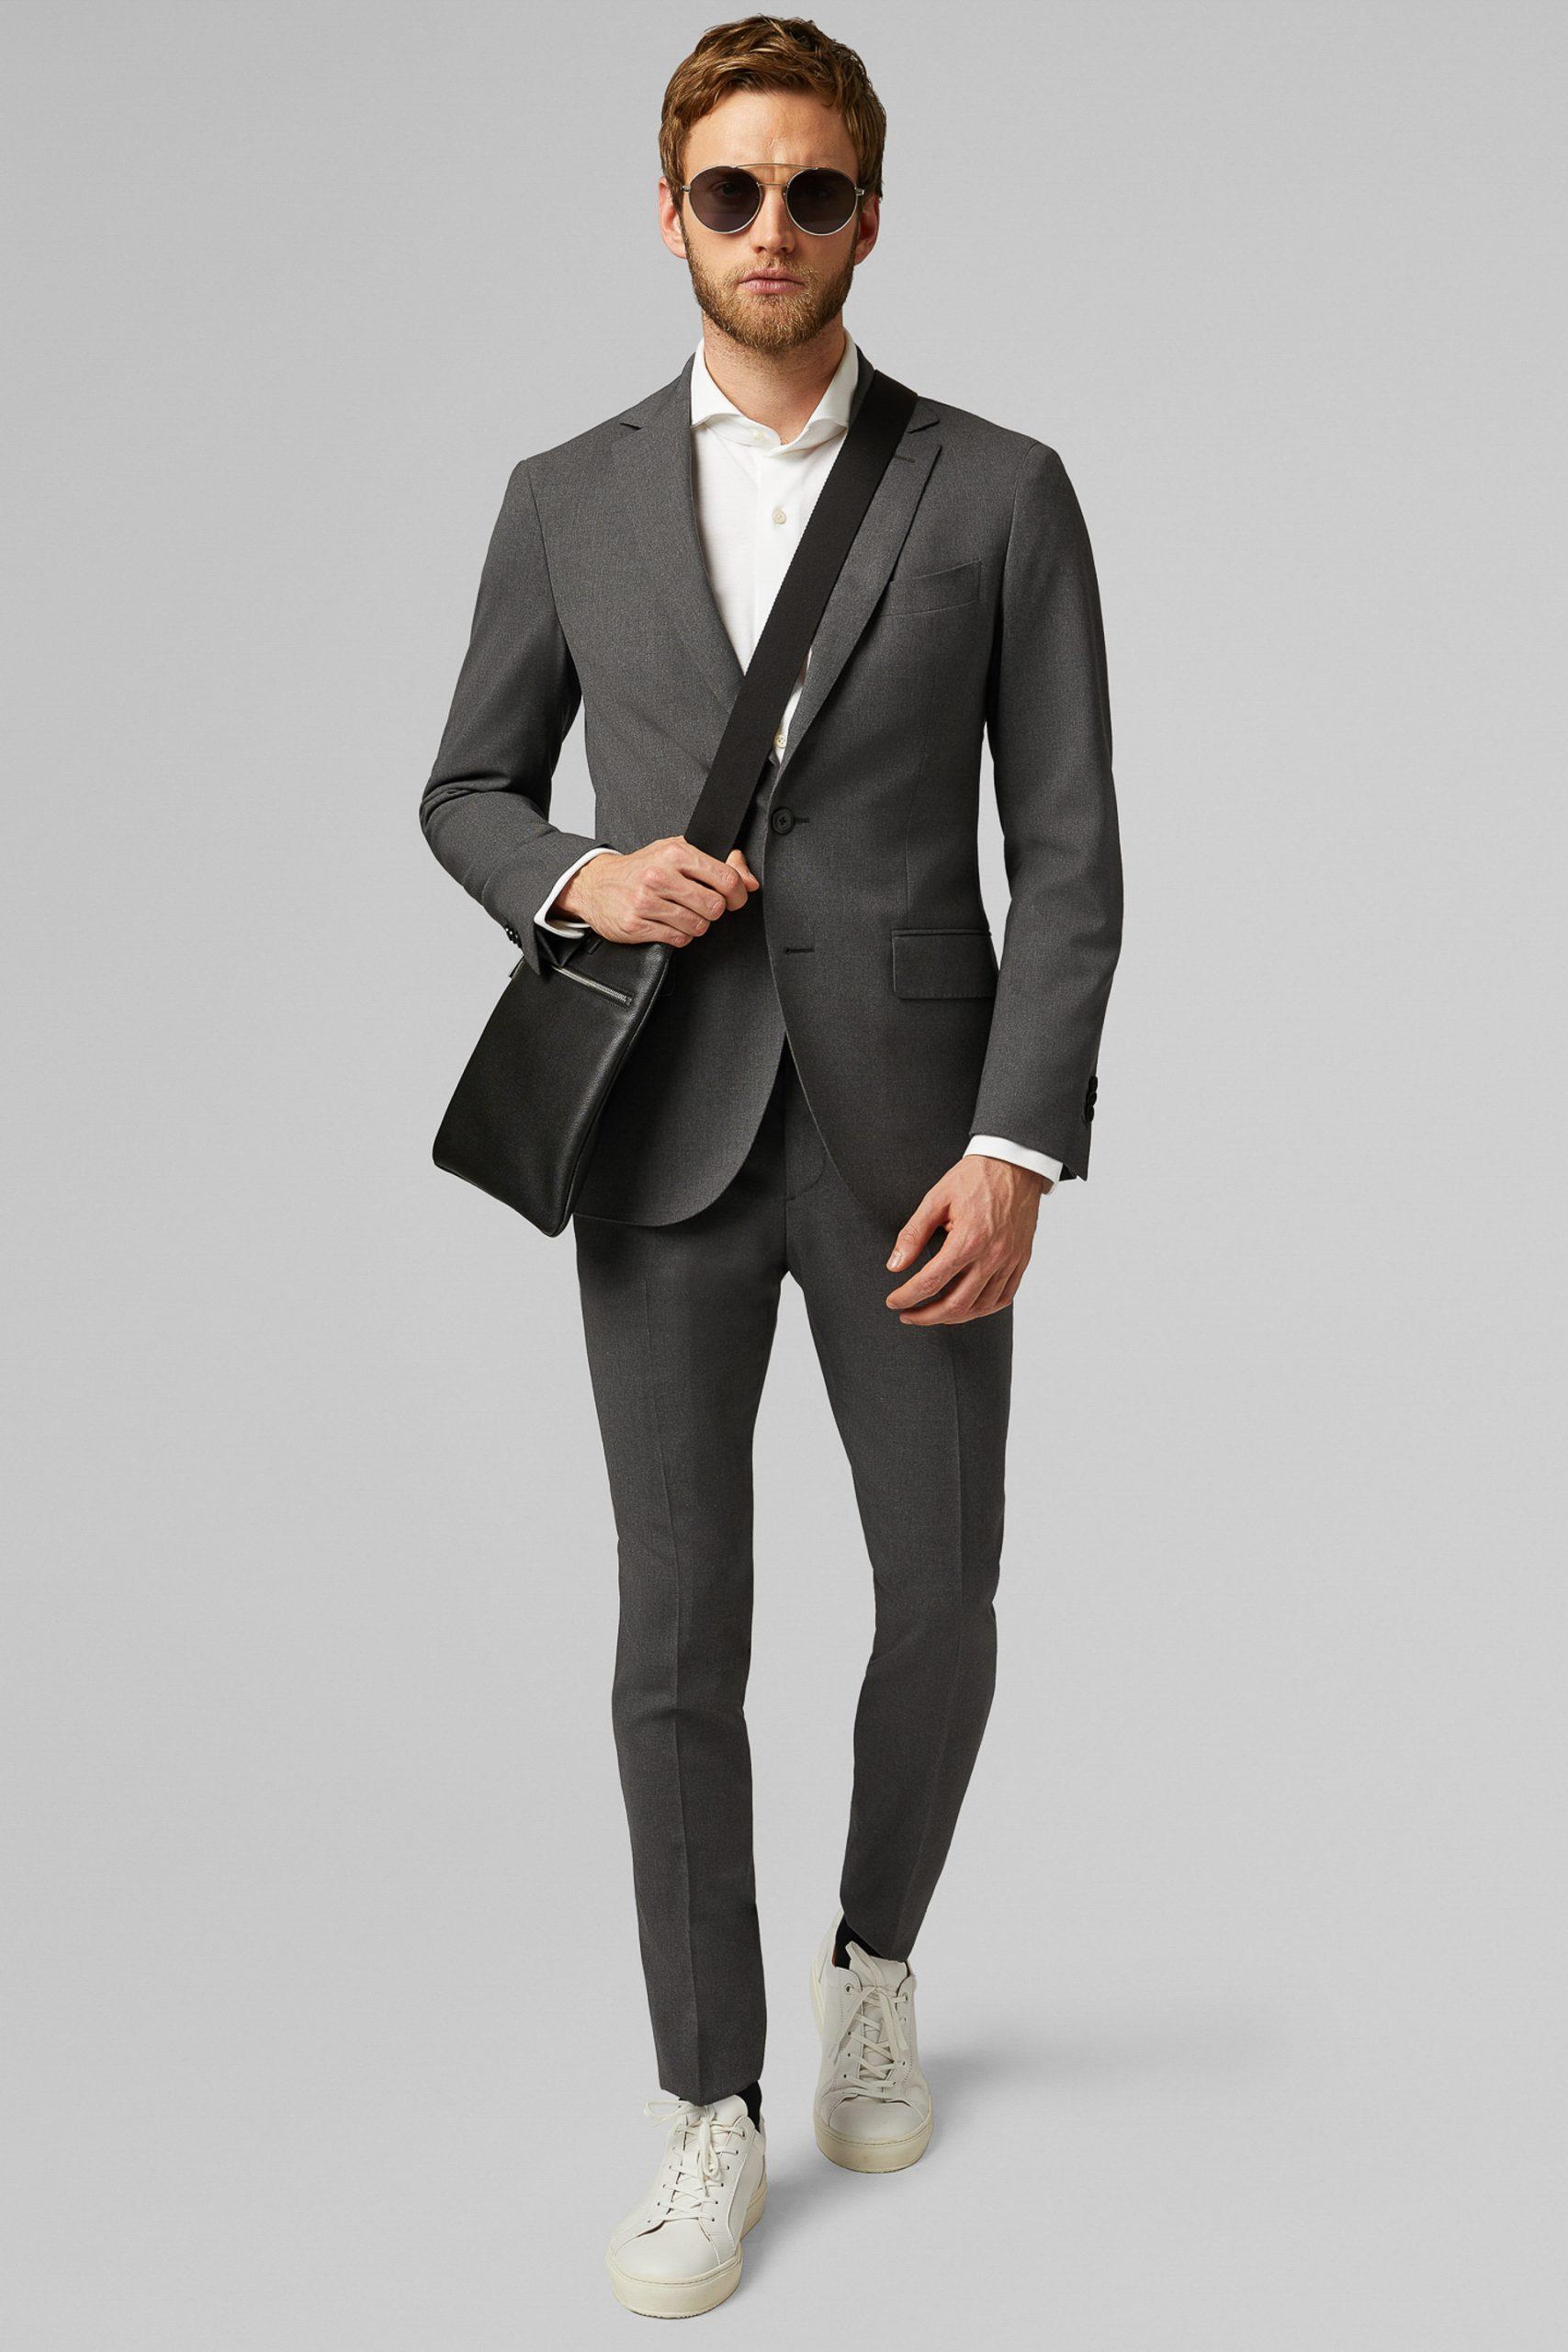 Giacca da abito da uomo in colore Grigio in materiale